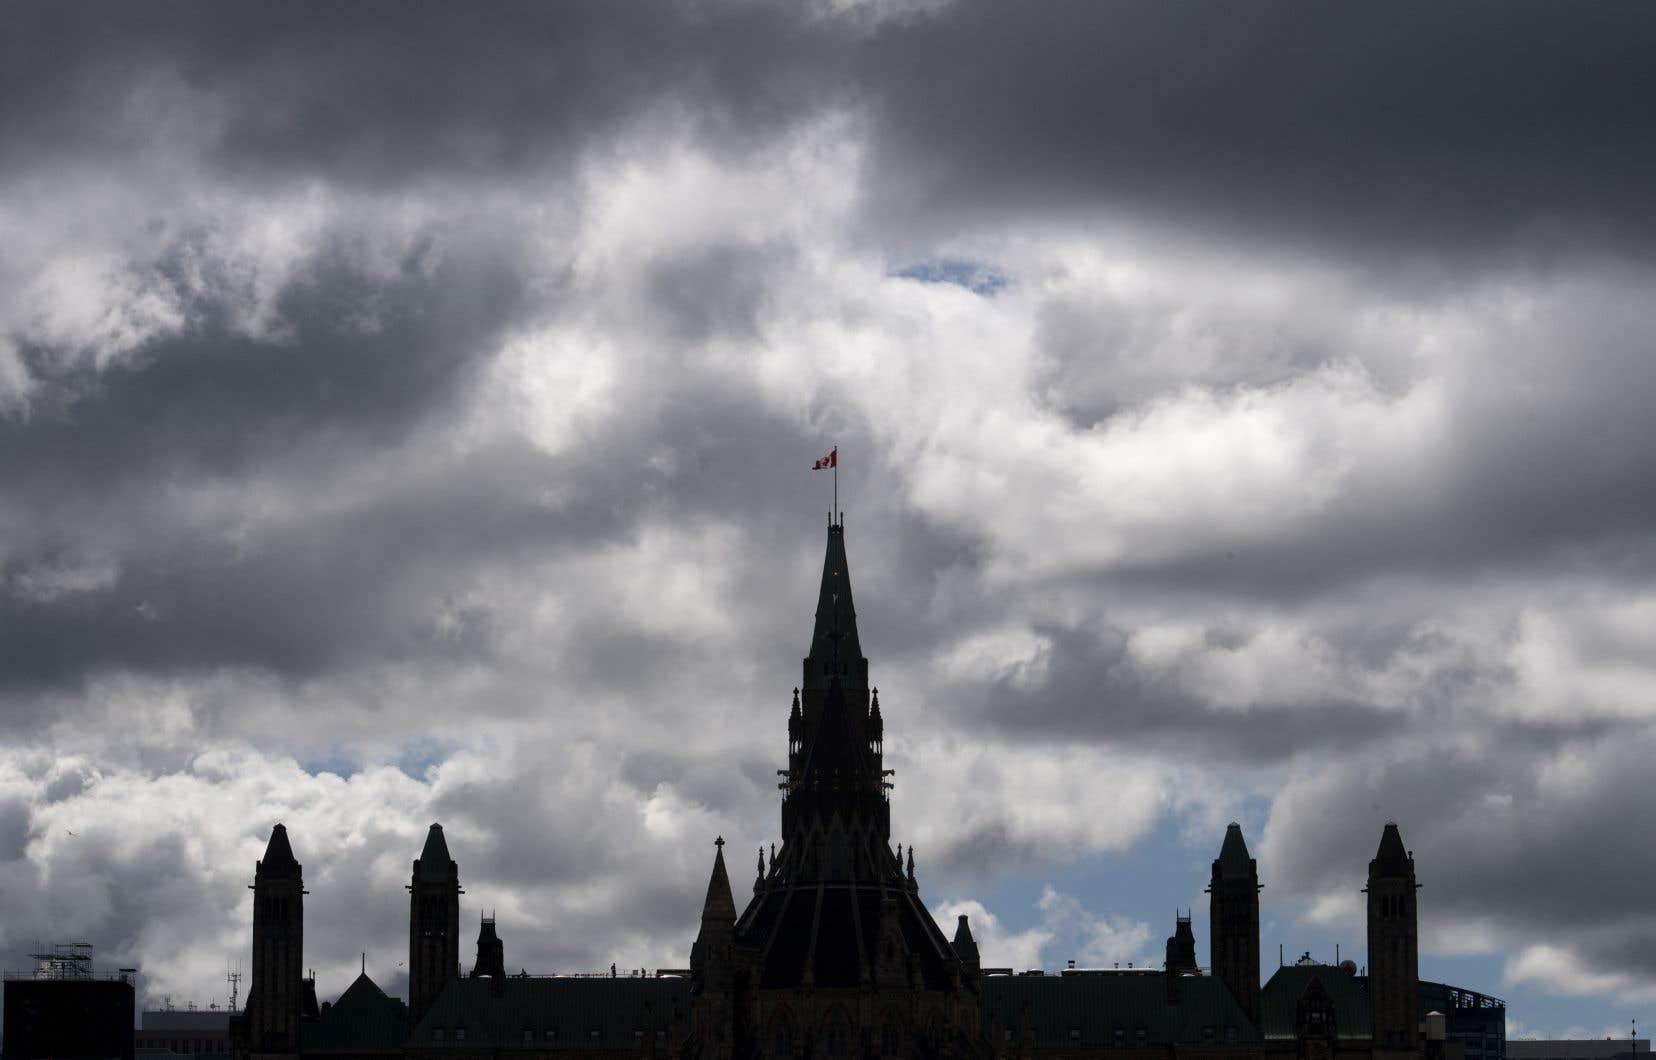 Puisque le Parlement a été prorogé mardi jusqu'au 23septembre, un projet de loi ne pourrait pas, effectivement, être déposé aux Communes avant la fin de septembre.